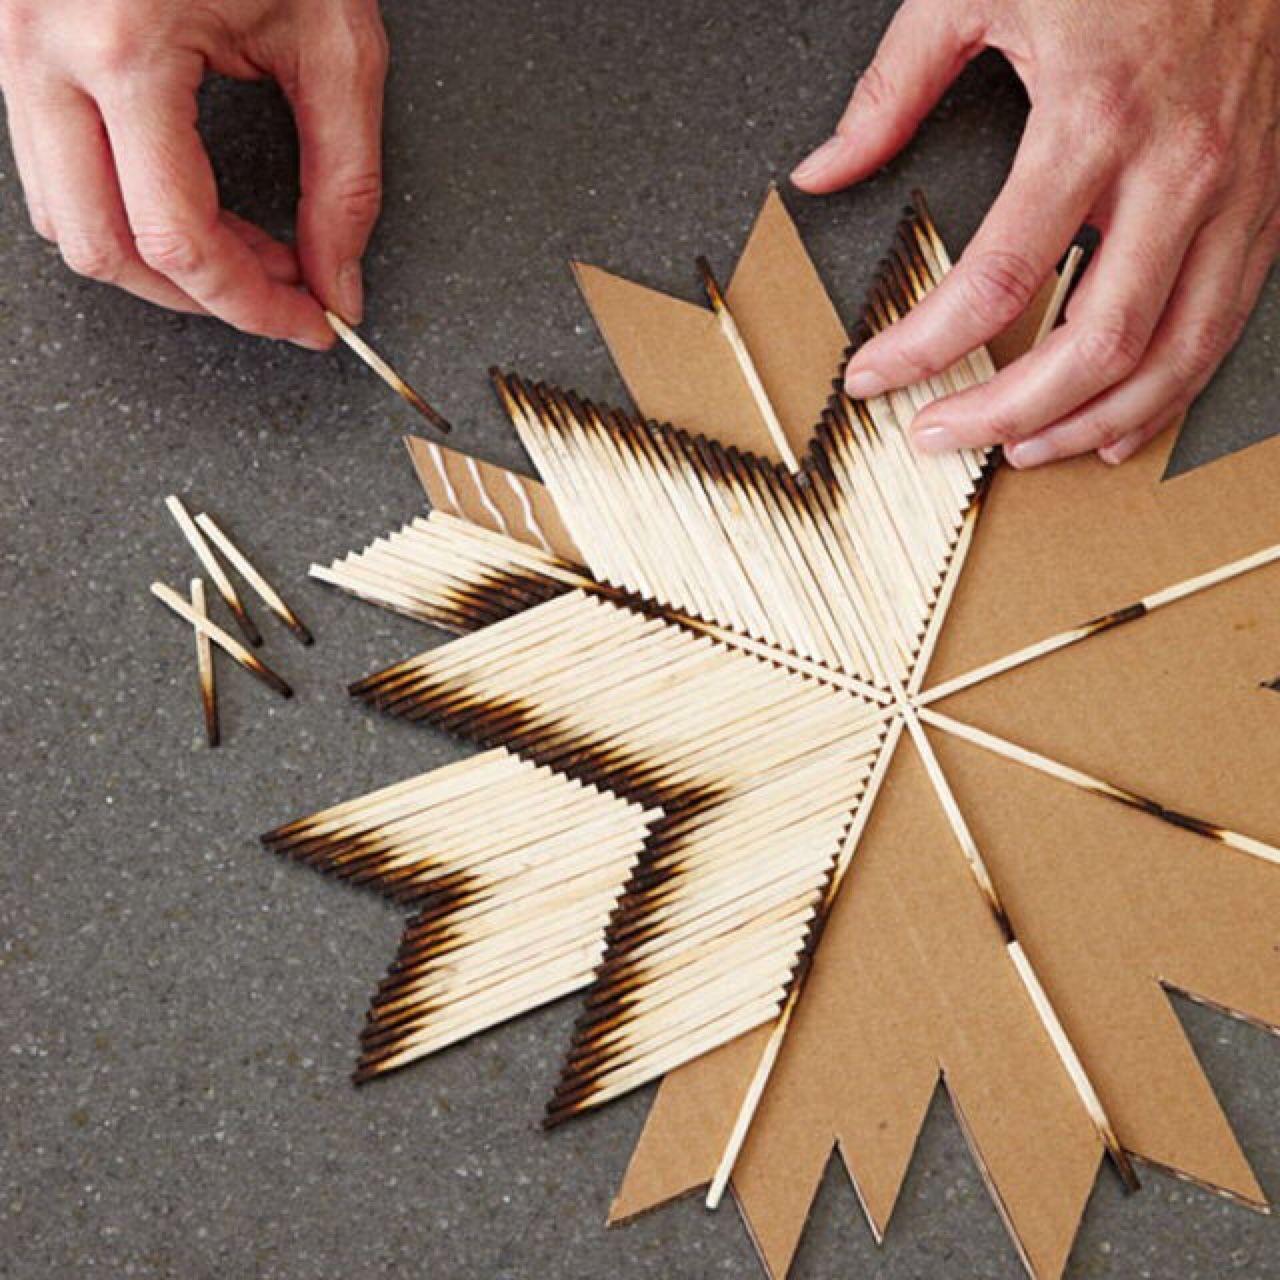 DIY Matchstick Star